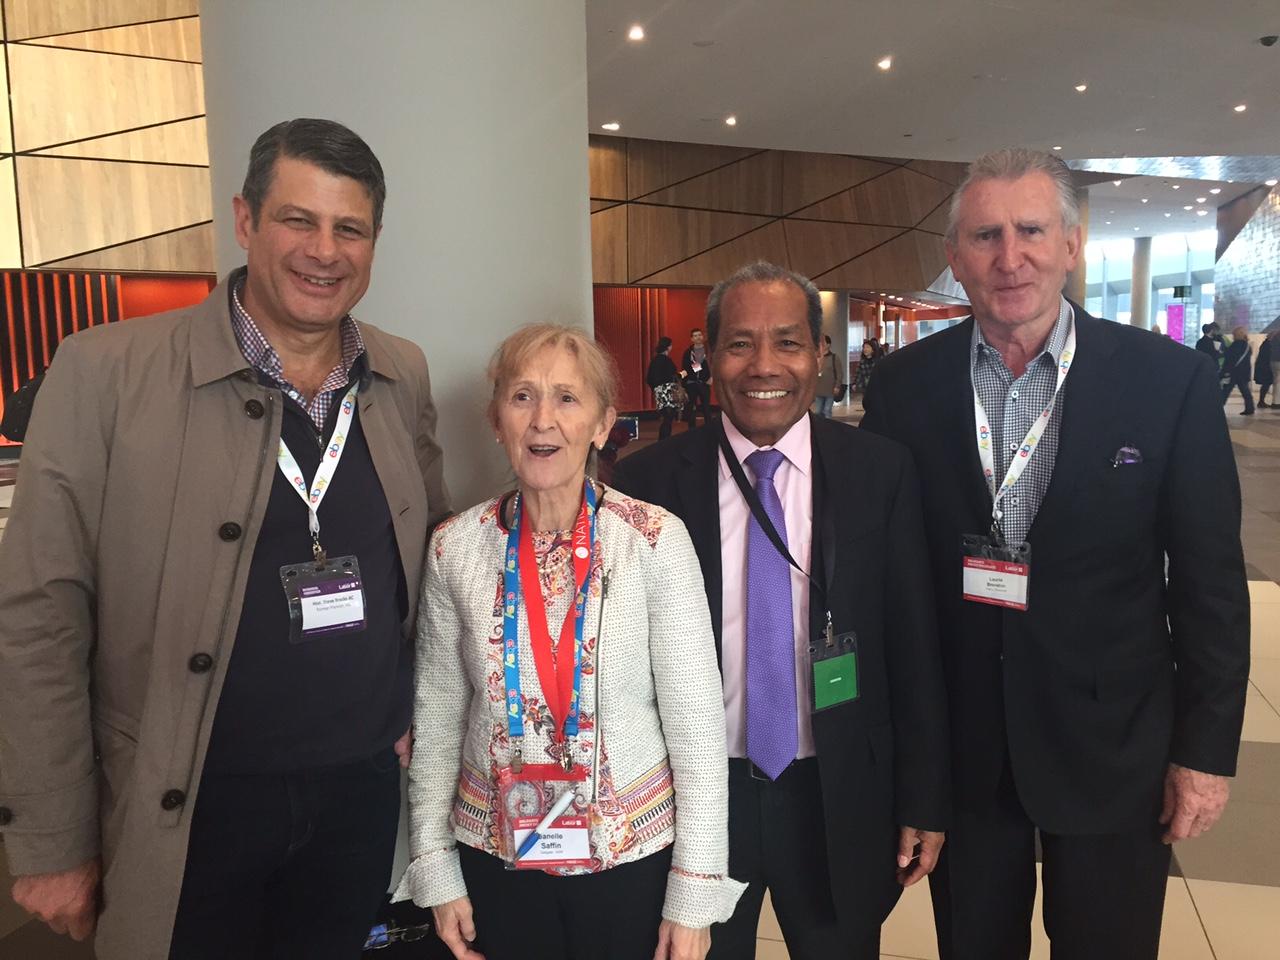 Steve Bracks, Janelle Saffin, Ambassador Abel Guterres and Laurie Brereton, advocating for Timor-Leste at ALP Conference 2015